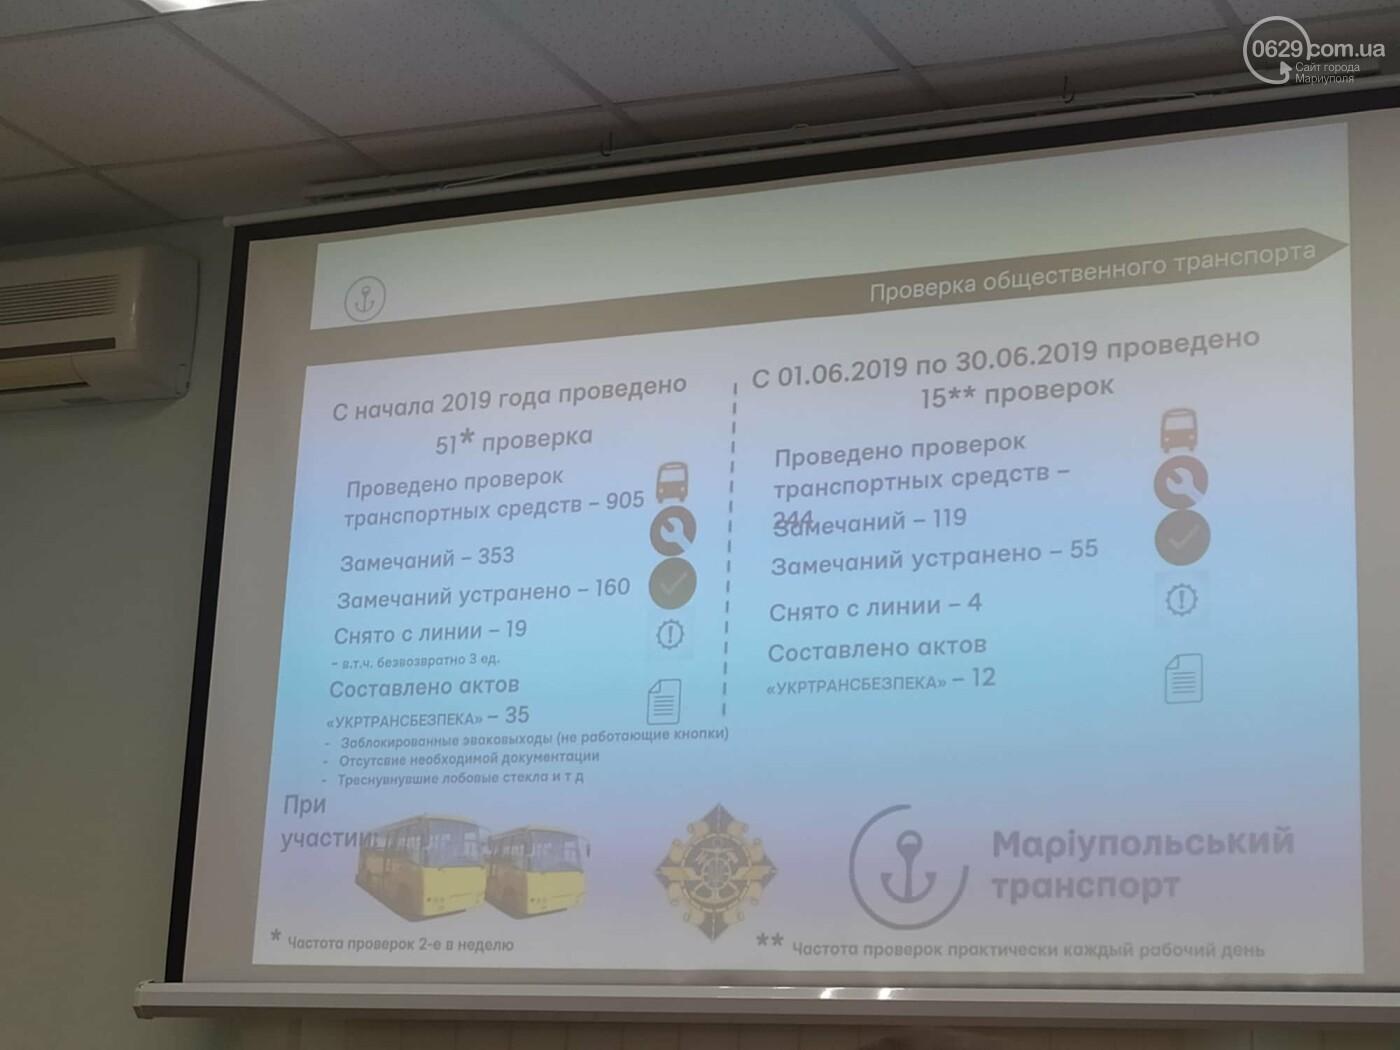 В Мариуполе безвозвратно сняли с маршрутов 3 автобуса, - ФОТО, фото-5